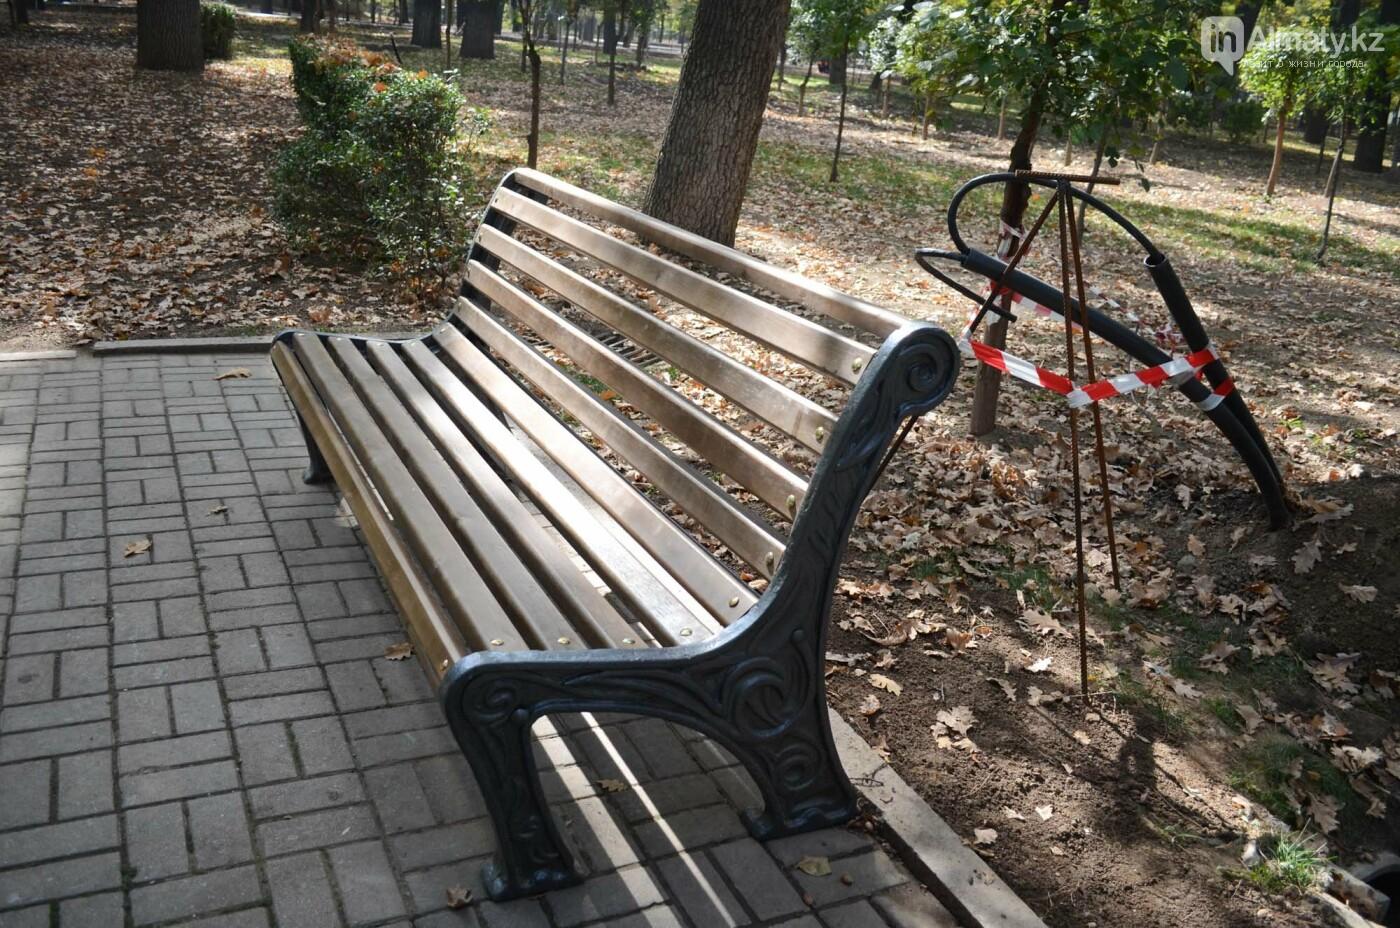 Как изменился парк 28 гвардейцев-панфиловцев в Алматы после реконструкции, фото-8